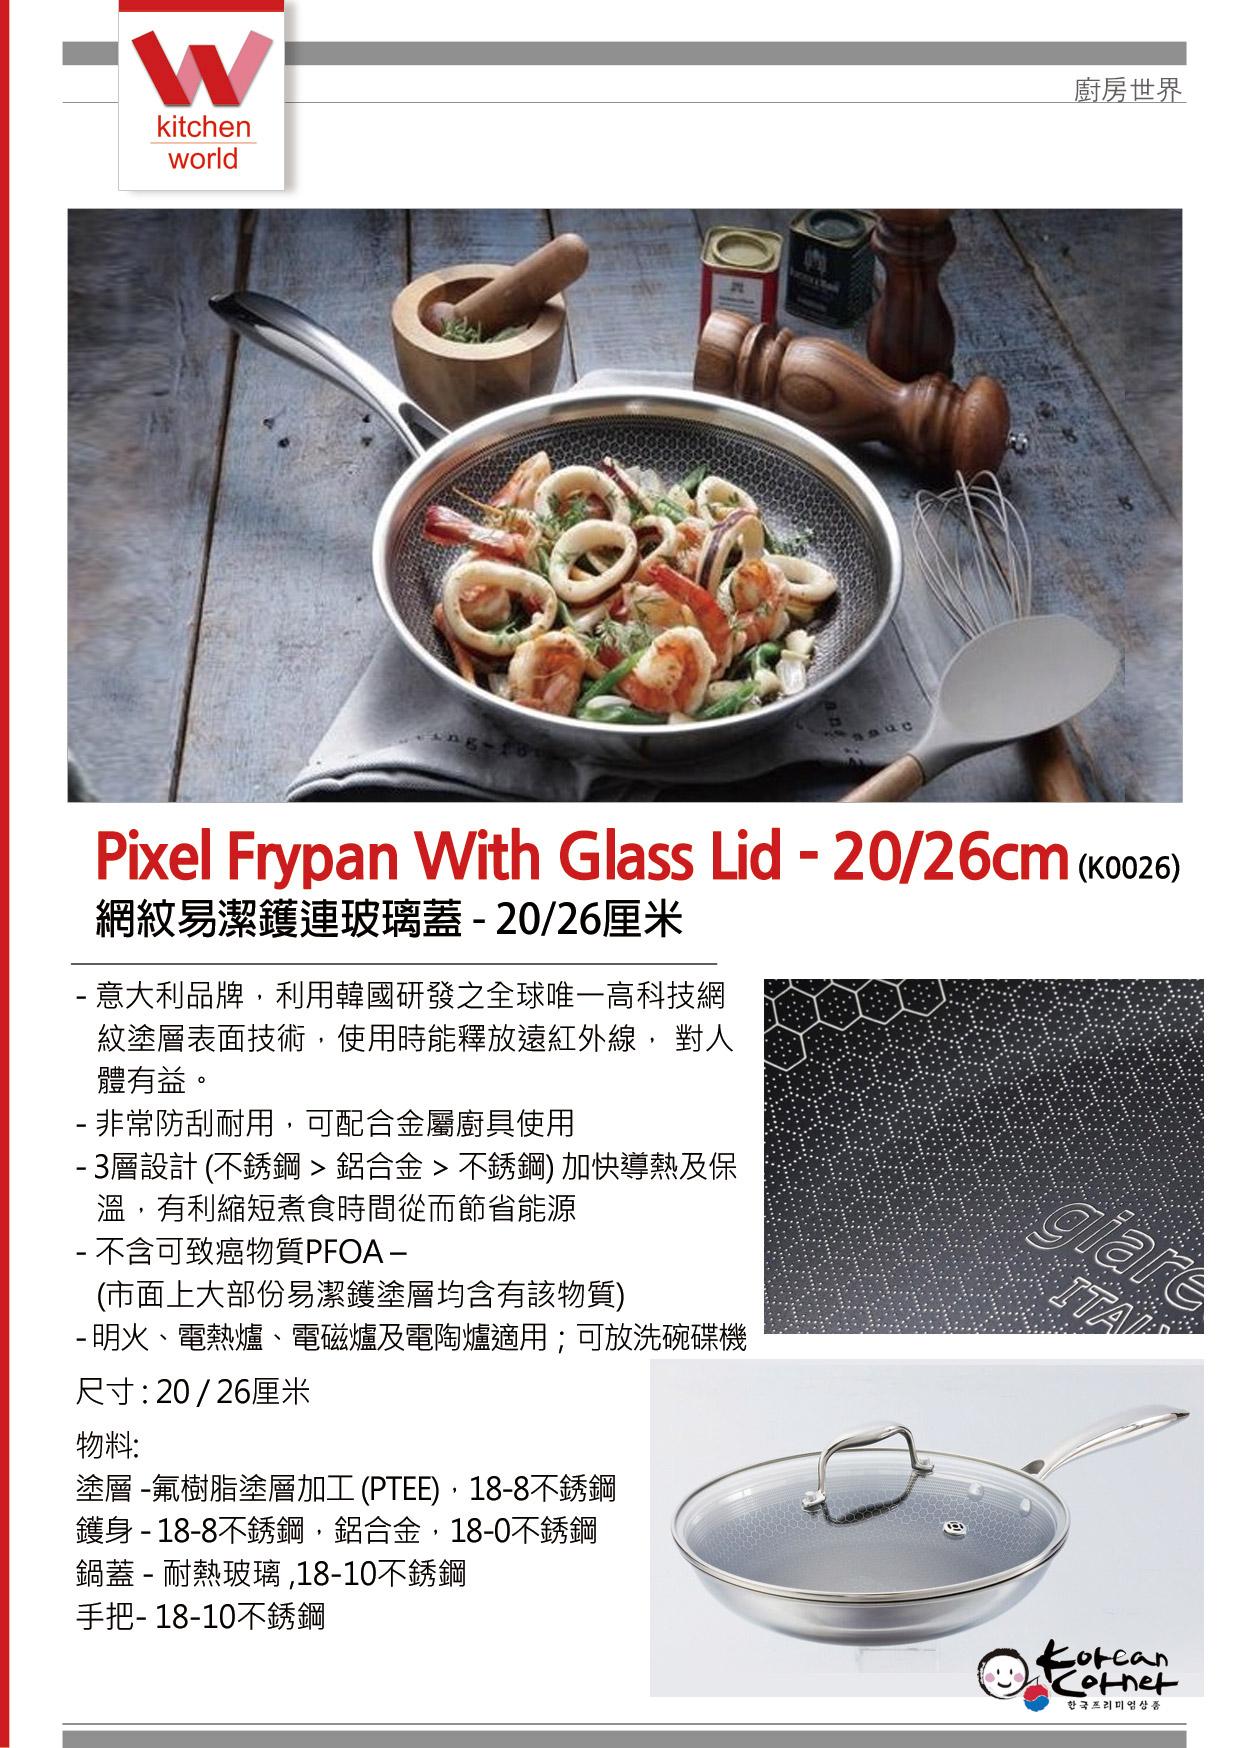 網紋易潔鑊連玻璃蓋_廚房世界_Korean Corner